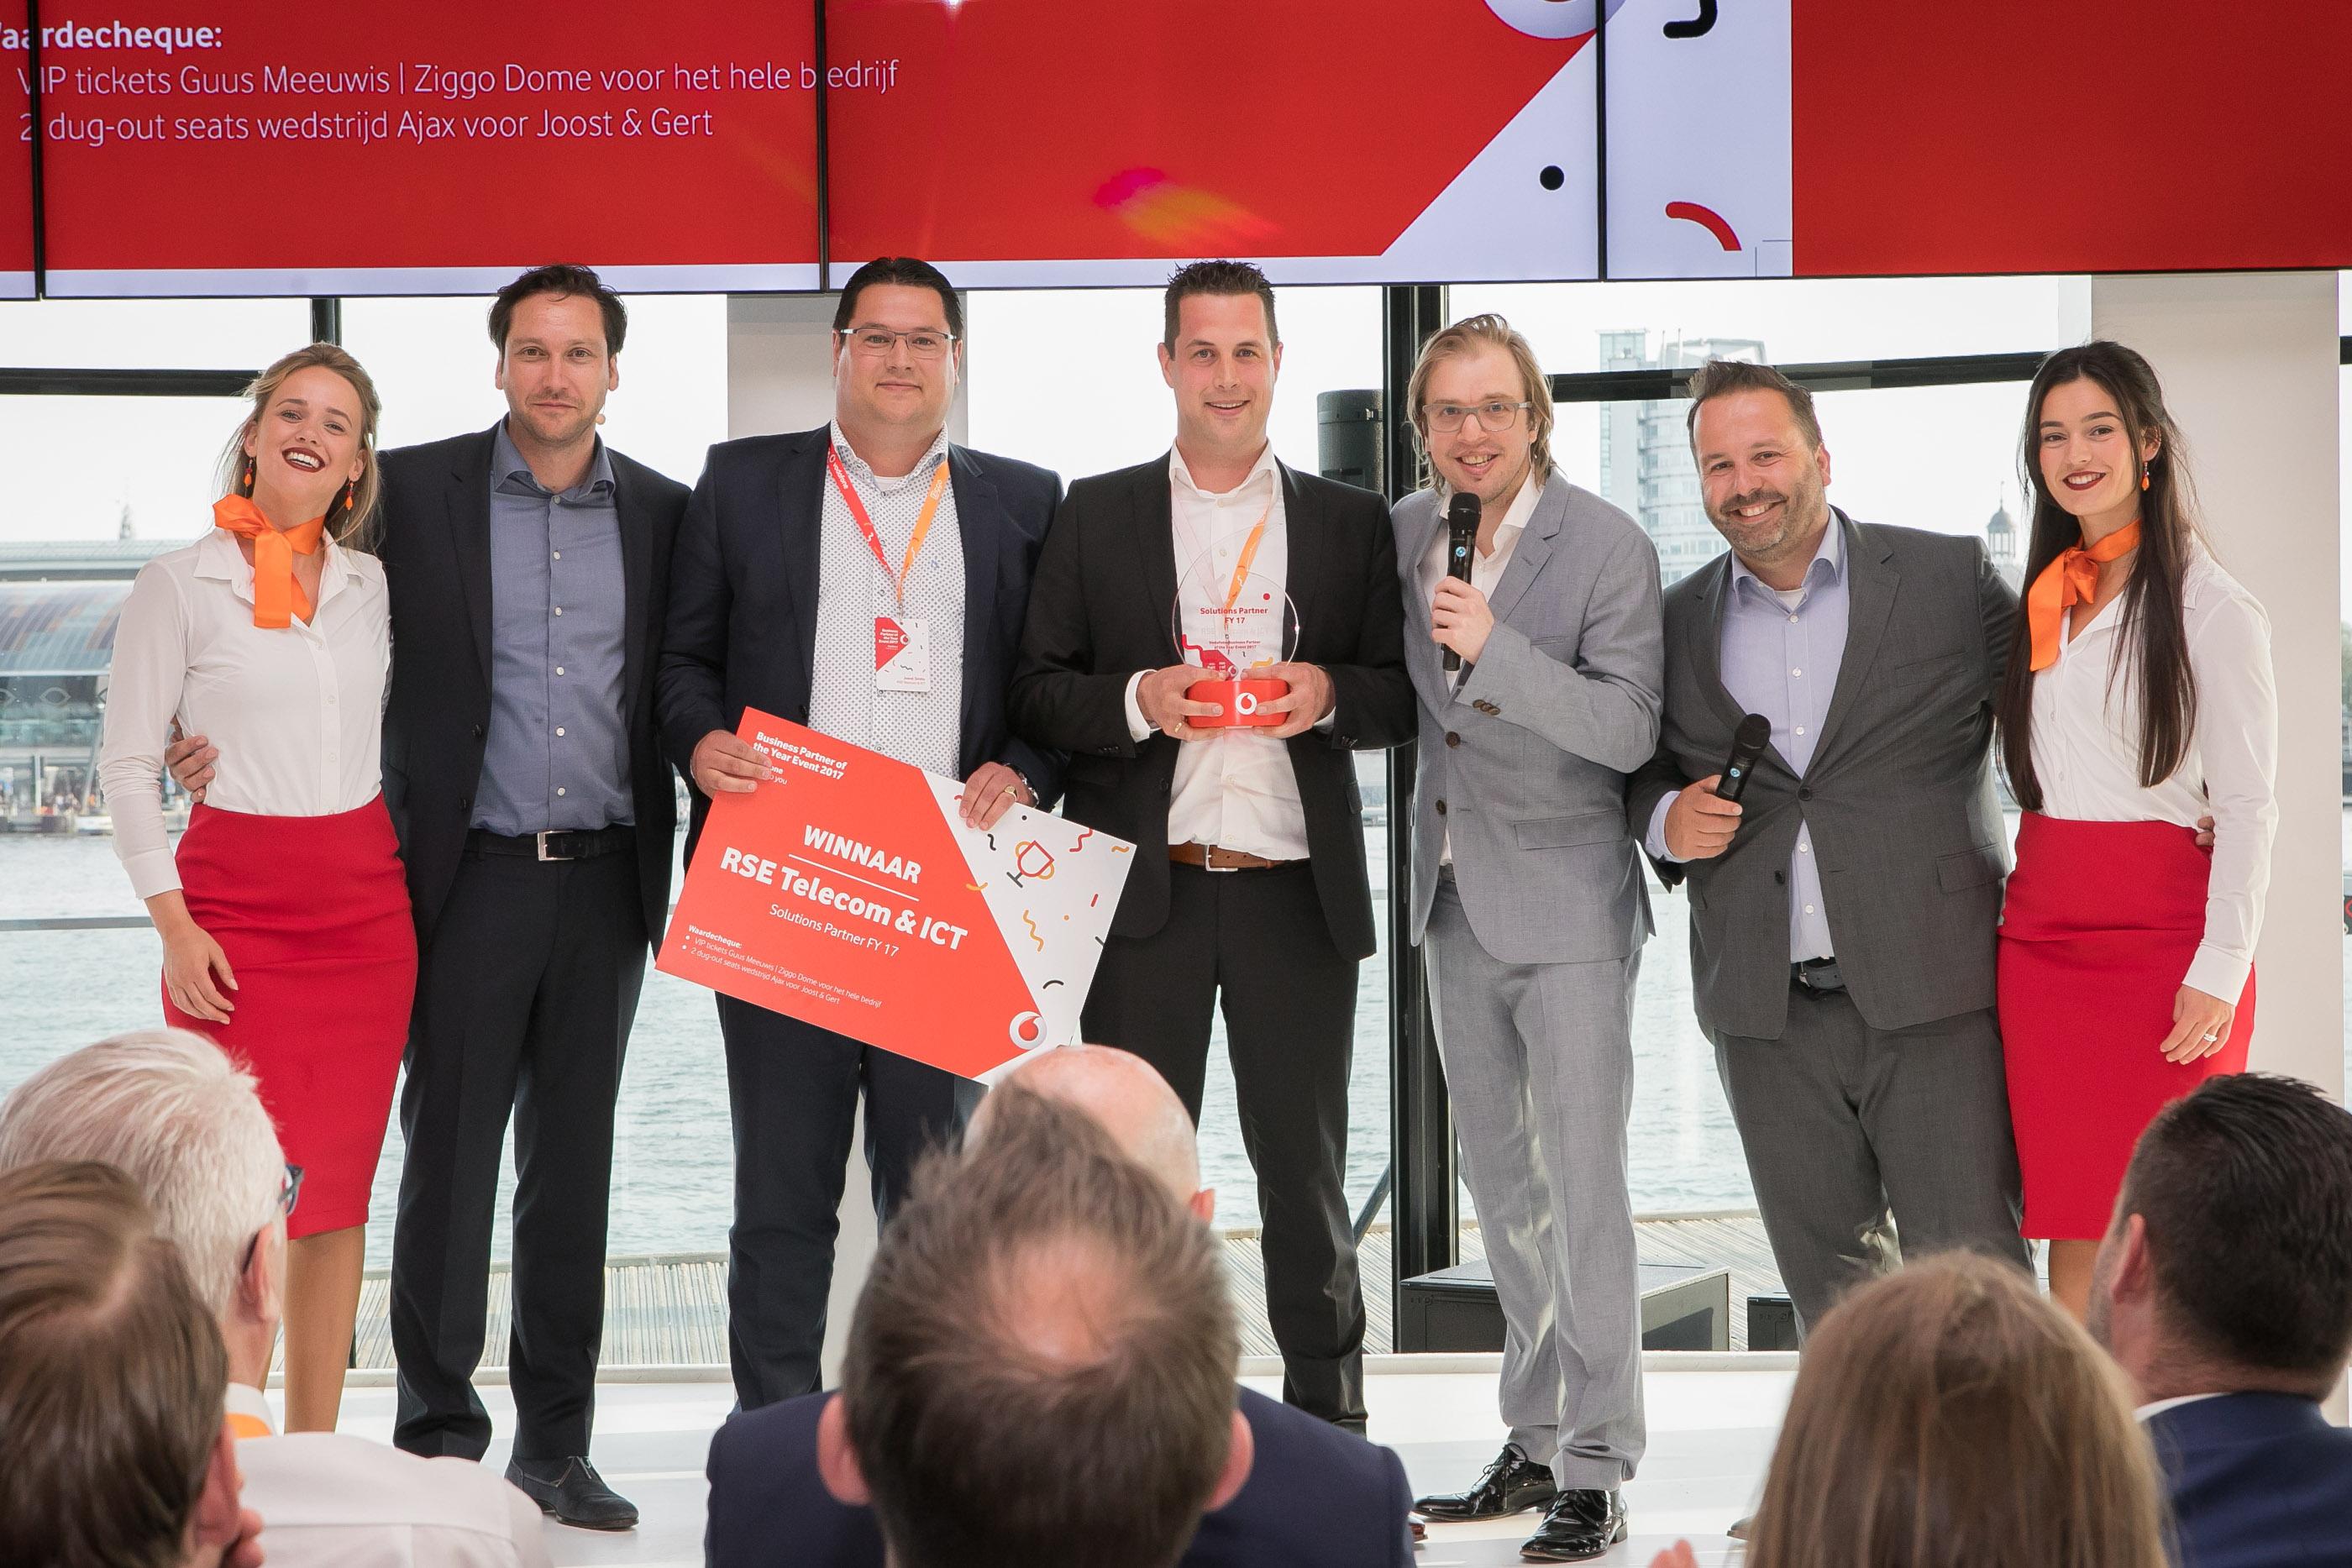 Ten Have Tekst schreef en verzond het persbericht 'RSE telecom & ICT voor de derde keer op rij Nederlands Vodafone Business Solutions Partner of the Year, Unieke prestatie voor bedrijf met vestigingen in Groningen, Emmen en Winschoten'.